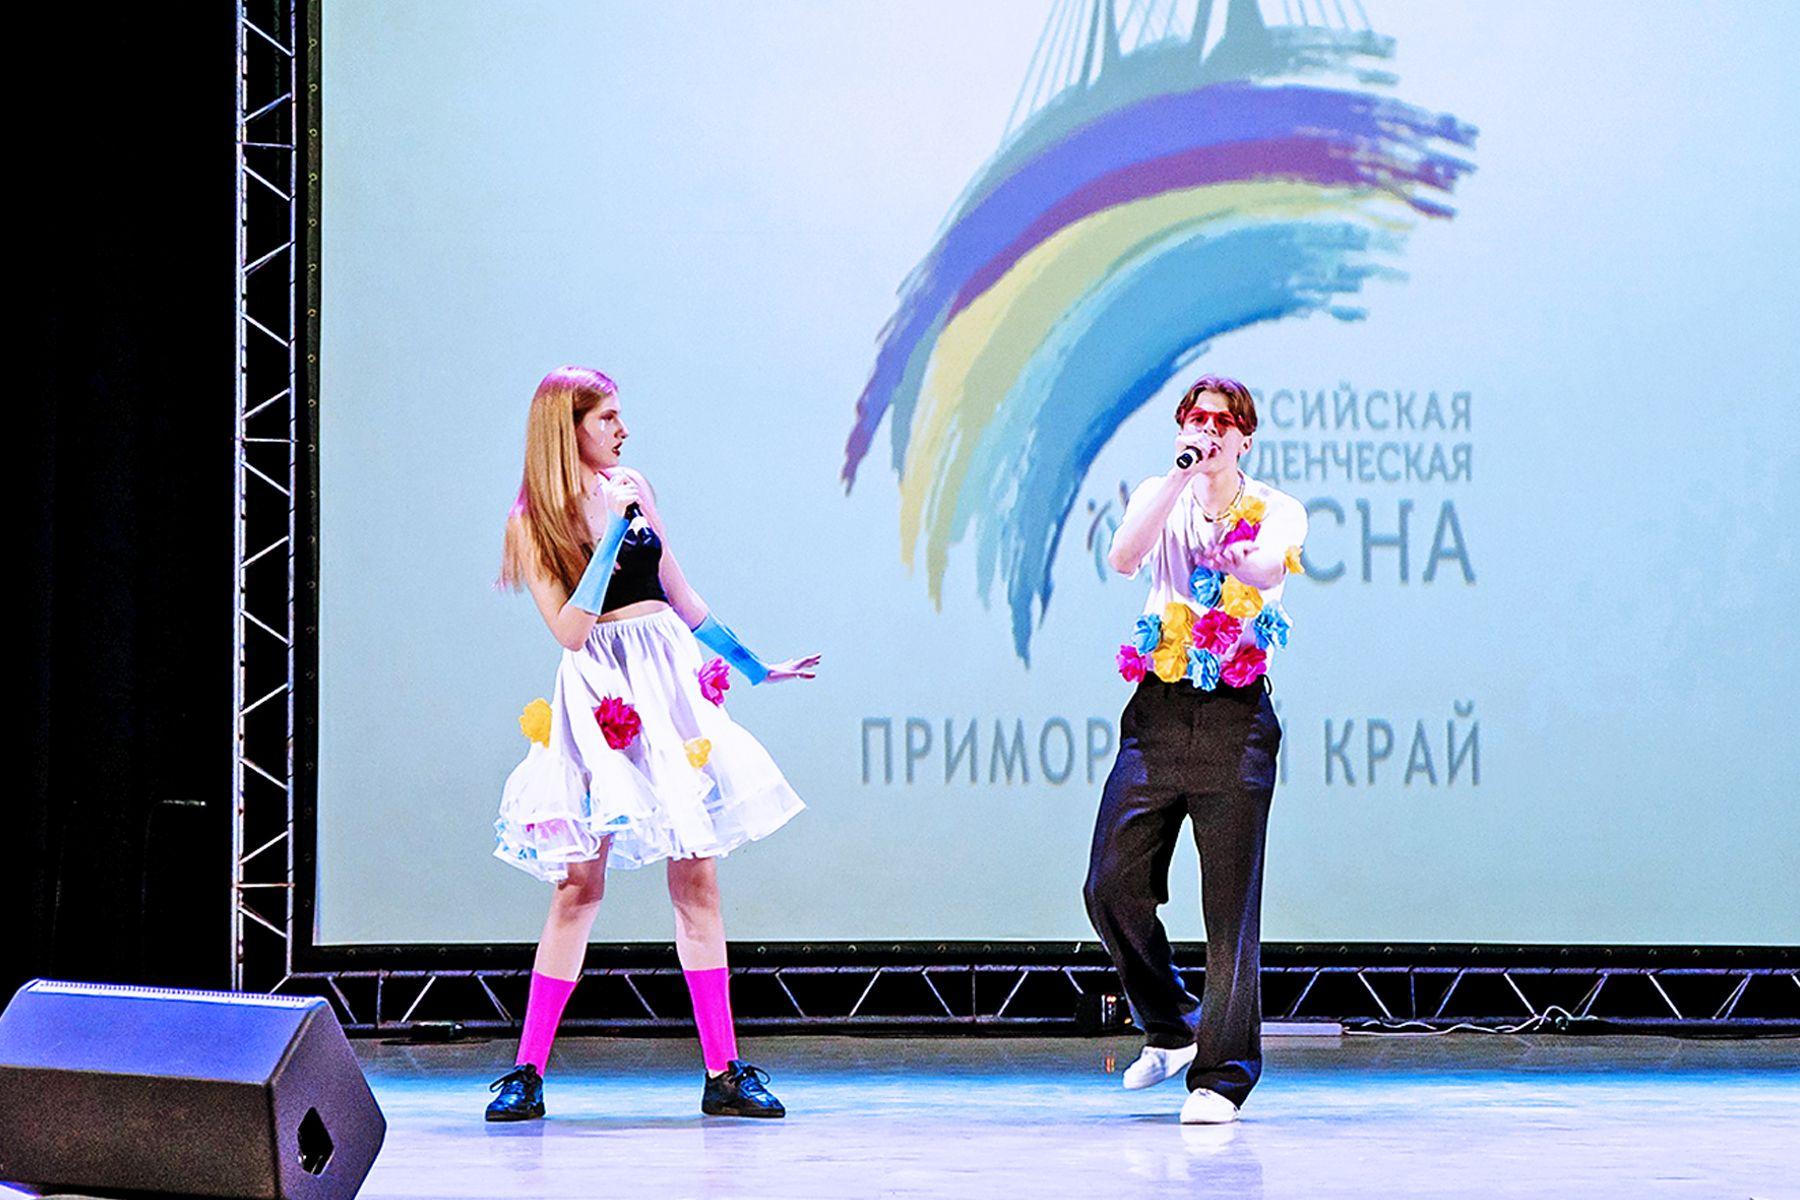 Весна открытий: студенты ВГУЭС выступят в финале фестиваля «Российская студенческая весна»